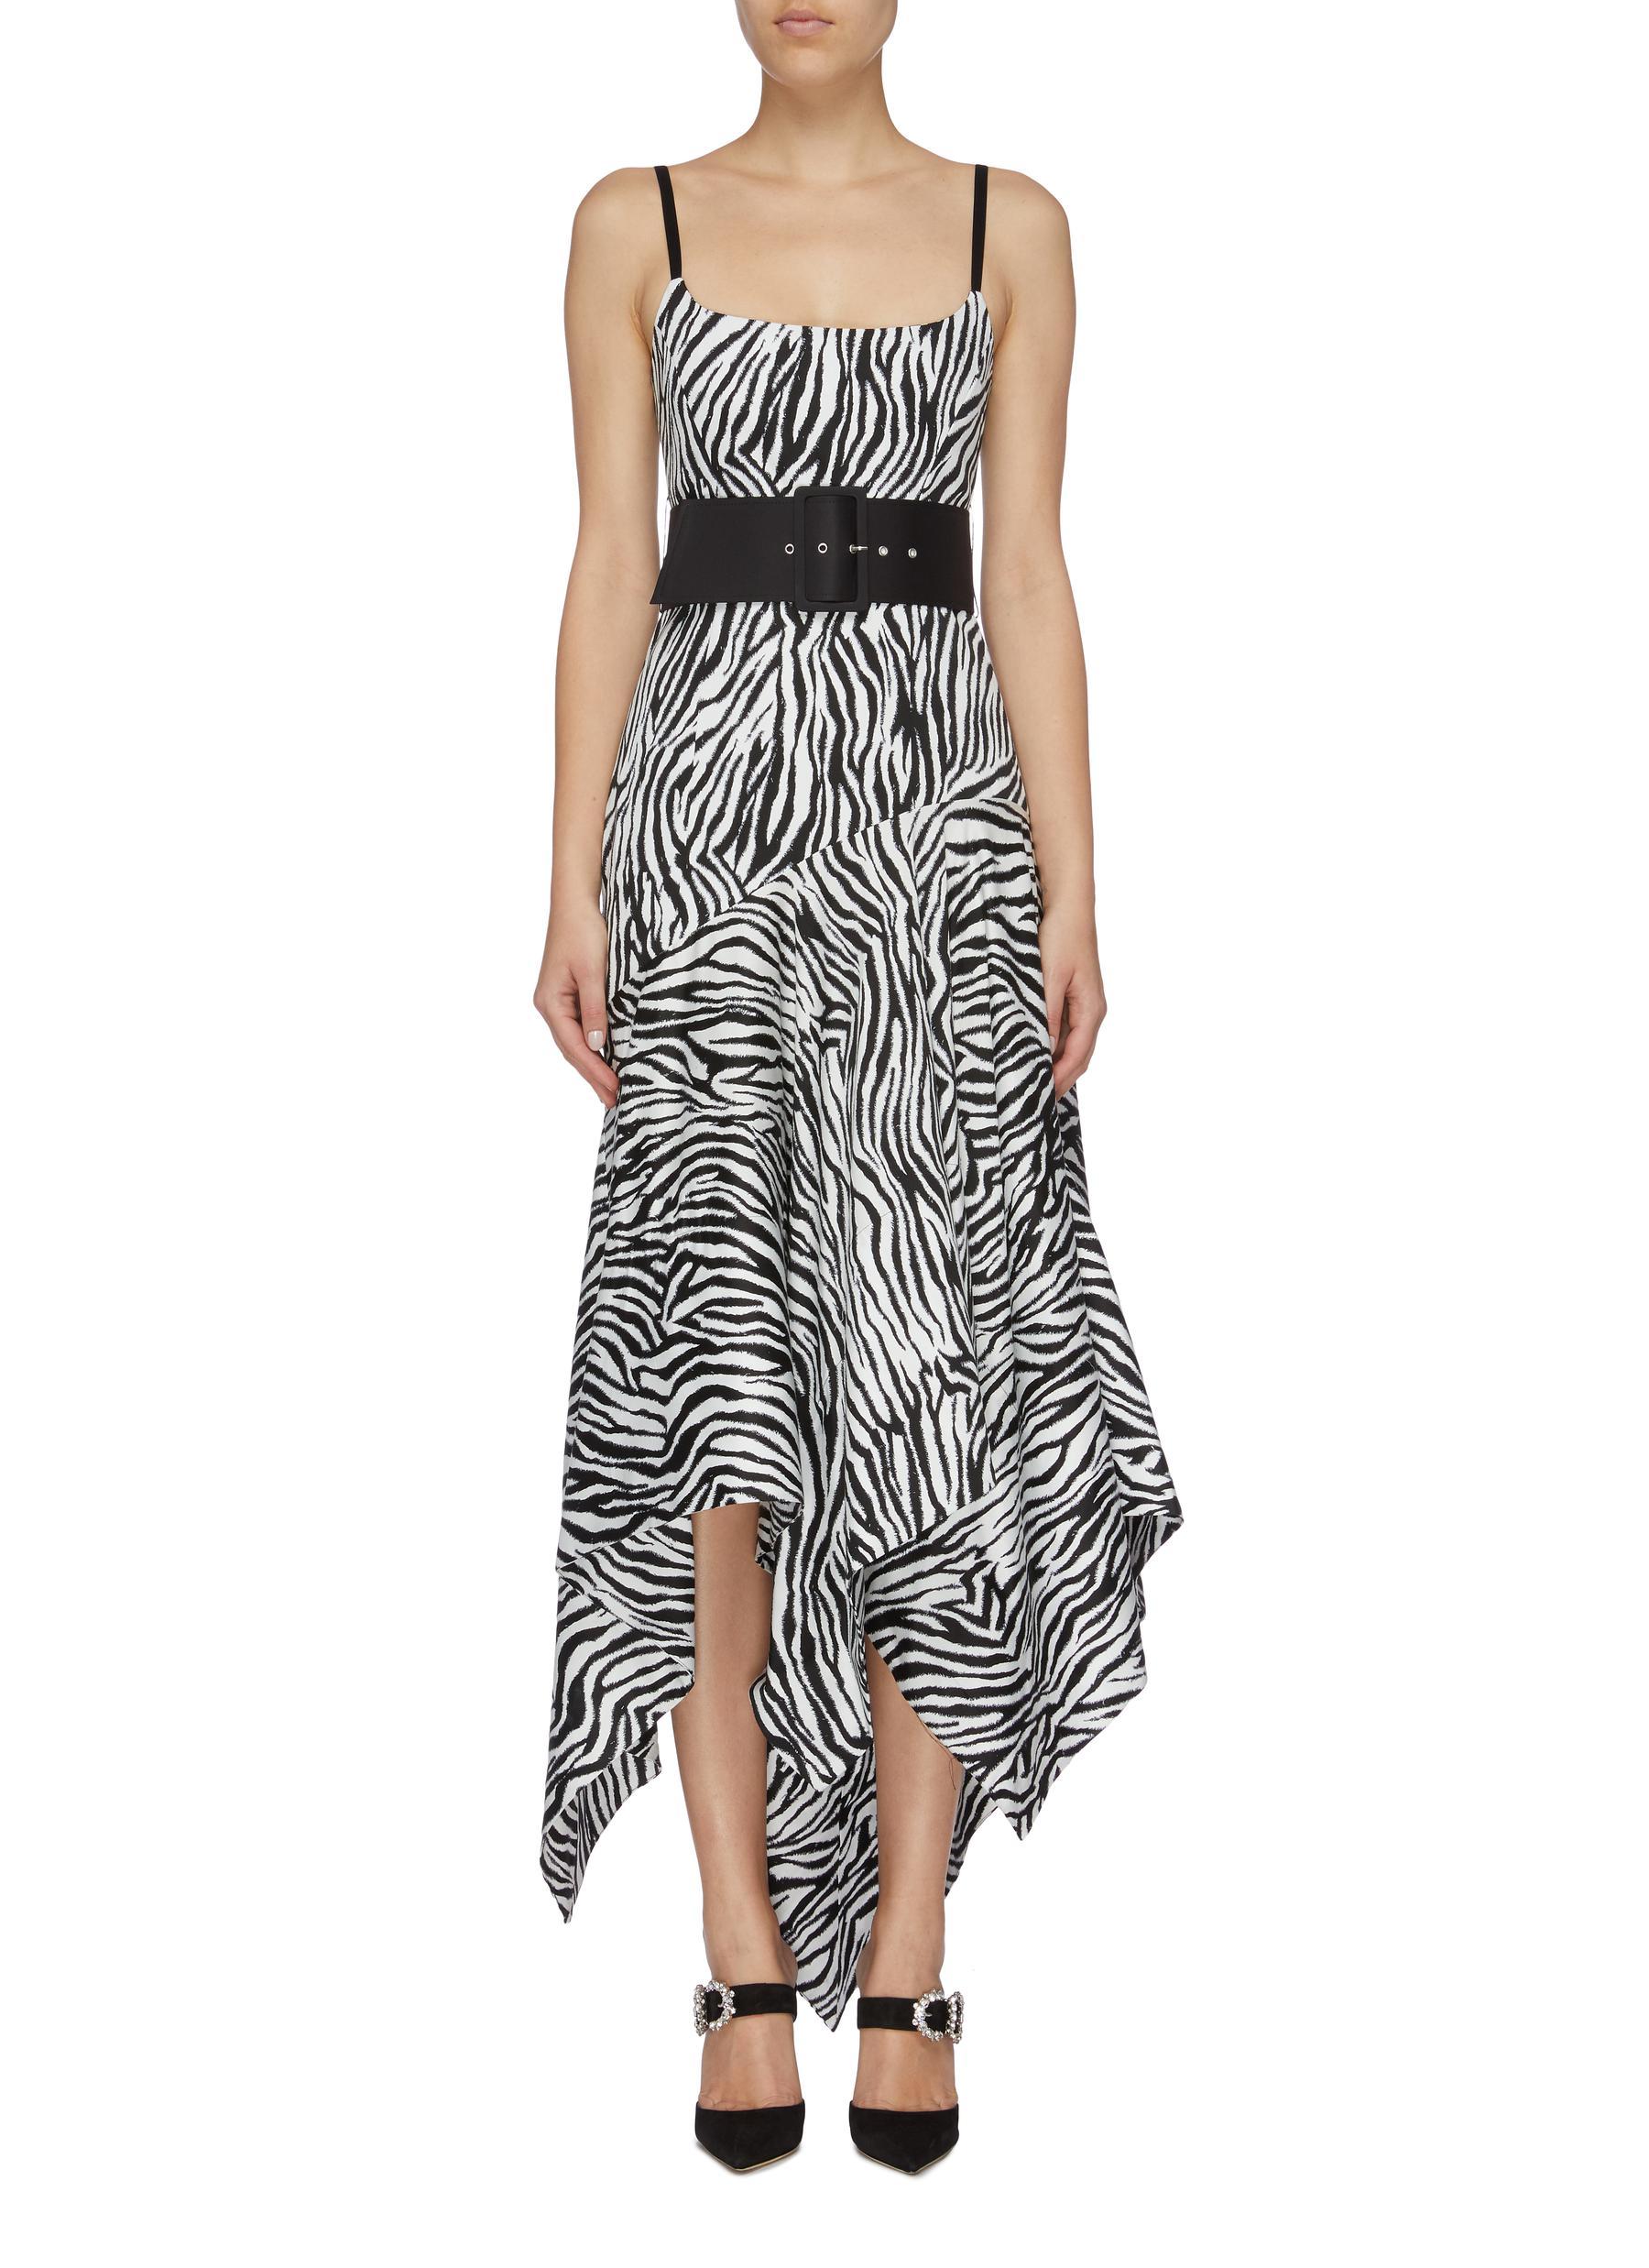 Marisol belted zebra stripe asymmetric handkerchief dress by Solace London